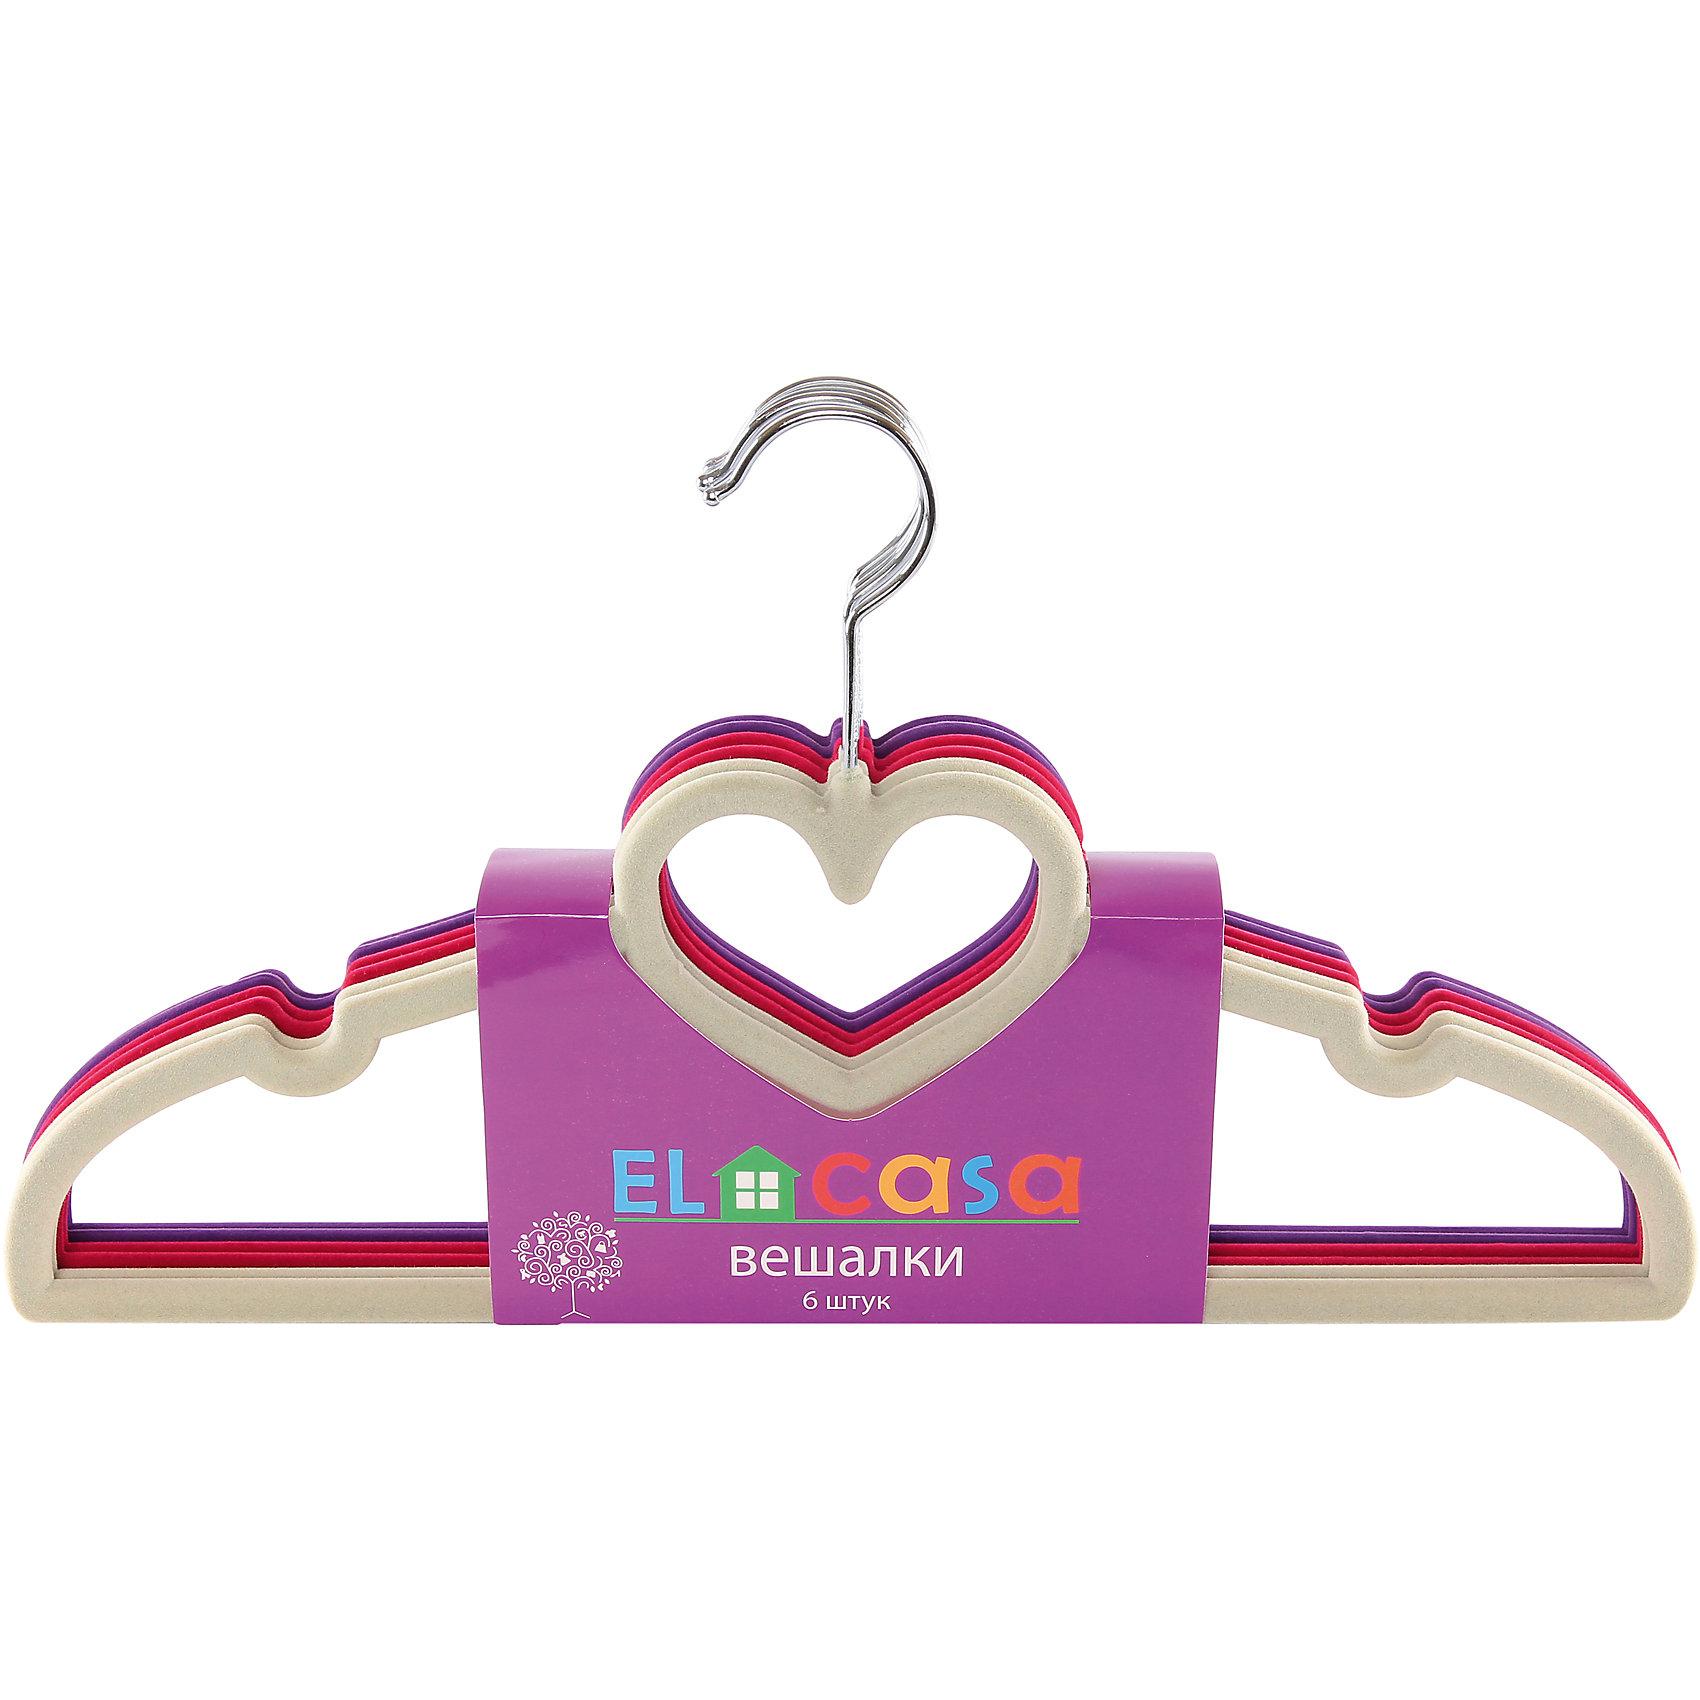 Вешалки 6 шт. 40*0,5*22 см. сердце, бежевый/бордовый/фиолетовый, EL CasaПредметы интерьера<br>Характеристики товара:<br><br>• цвет: мульти<br>• материал: металл, пластик<br>• размер: 40х22х0,5 см<br>• вес: 400 г<br>• комплектация: 3 шт<br>• велюровое антискользящее покрытие<br>• прочные<br>• легкие<br>• универсальный размер<br>• страна бренда: Российская Федерация<br>• страна производства: Китай<br><br>Одежду необходимо не только правильно стирать, чистить, сушить, но и бережно хранить в шкафу - тогда она прослужит дольше и будет выглядеть красивее.<br><br>Такие вешалки отлично подходят для размещения разных вещей: они прочные, с удобной конструкцией и велюровым антискользящим покрытием - так одежда будет держать правильную форму и не сминаться.<br><br>Бренд EL Casa - это красивые и практичные товары для дома с современным дизайном. Они добавляют в жильё уюта и комфорта! <br><br>Вешалки 6 шт. 40*0,5*22 см. сердце, бежевый/бордовый/фиолетовый, EL Casa можно купить в нашем интернет-магазине.<br><br>Ширина мм: 400<br>Глубина мм: 35<br>Высота мм: 220<br>Вес г: 380<br>Возраст от месяцев: 0<br>Возраст до месяцев: 1188<br>Пол: Унисекс<br>Возраст: Детский<br>SKU: 6668638